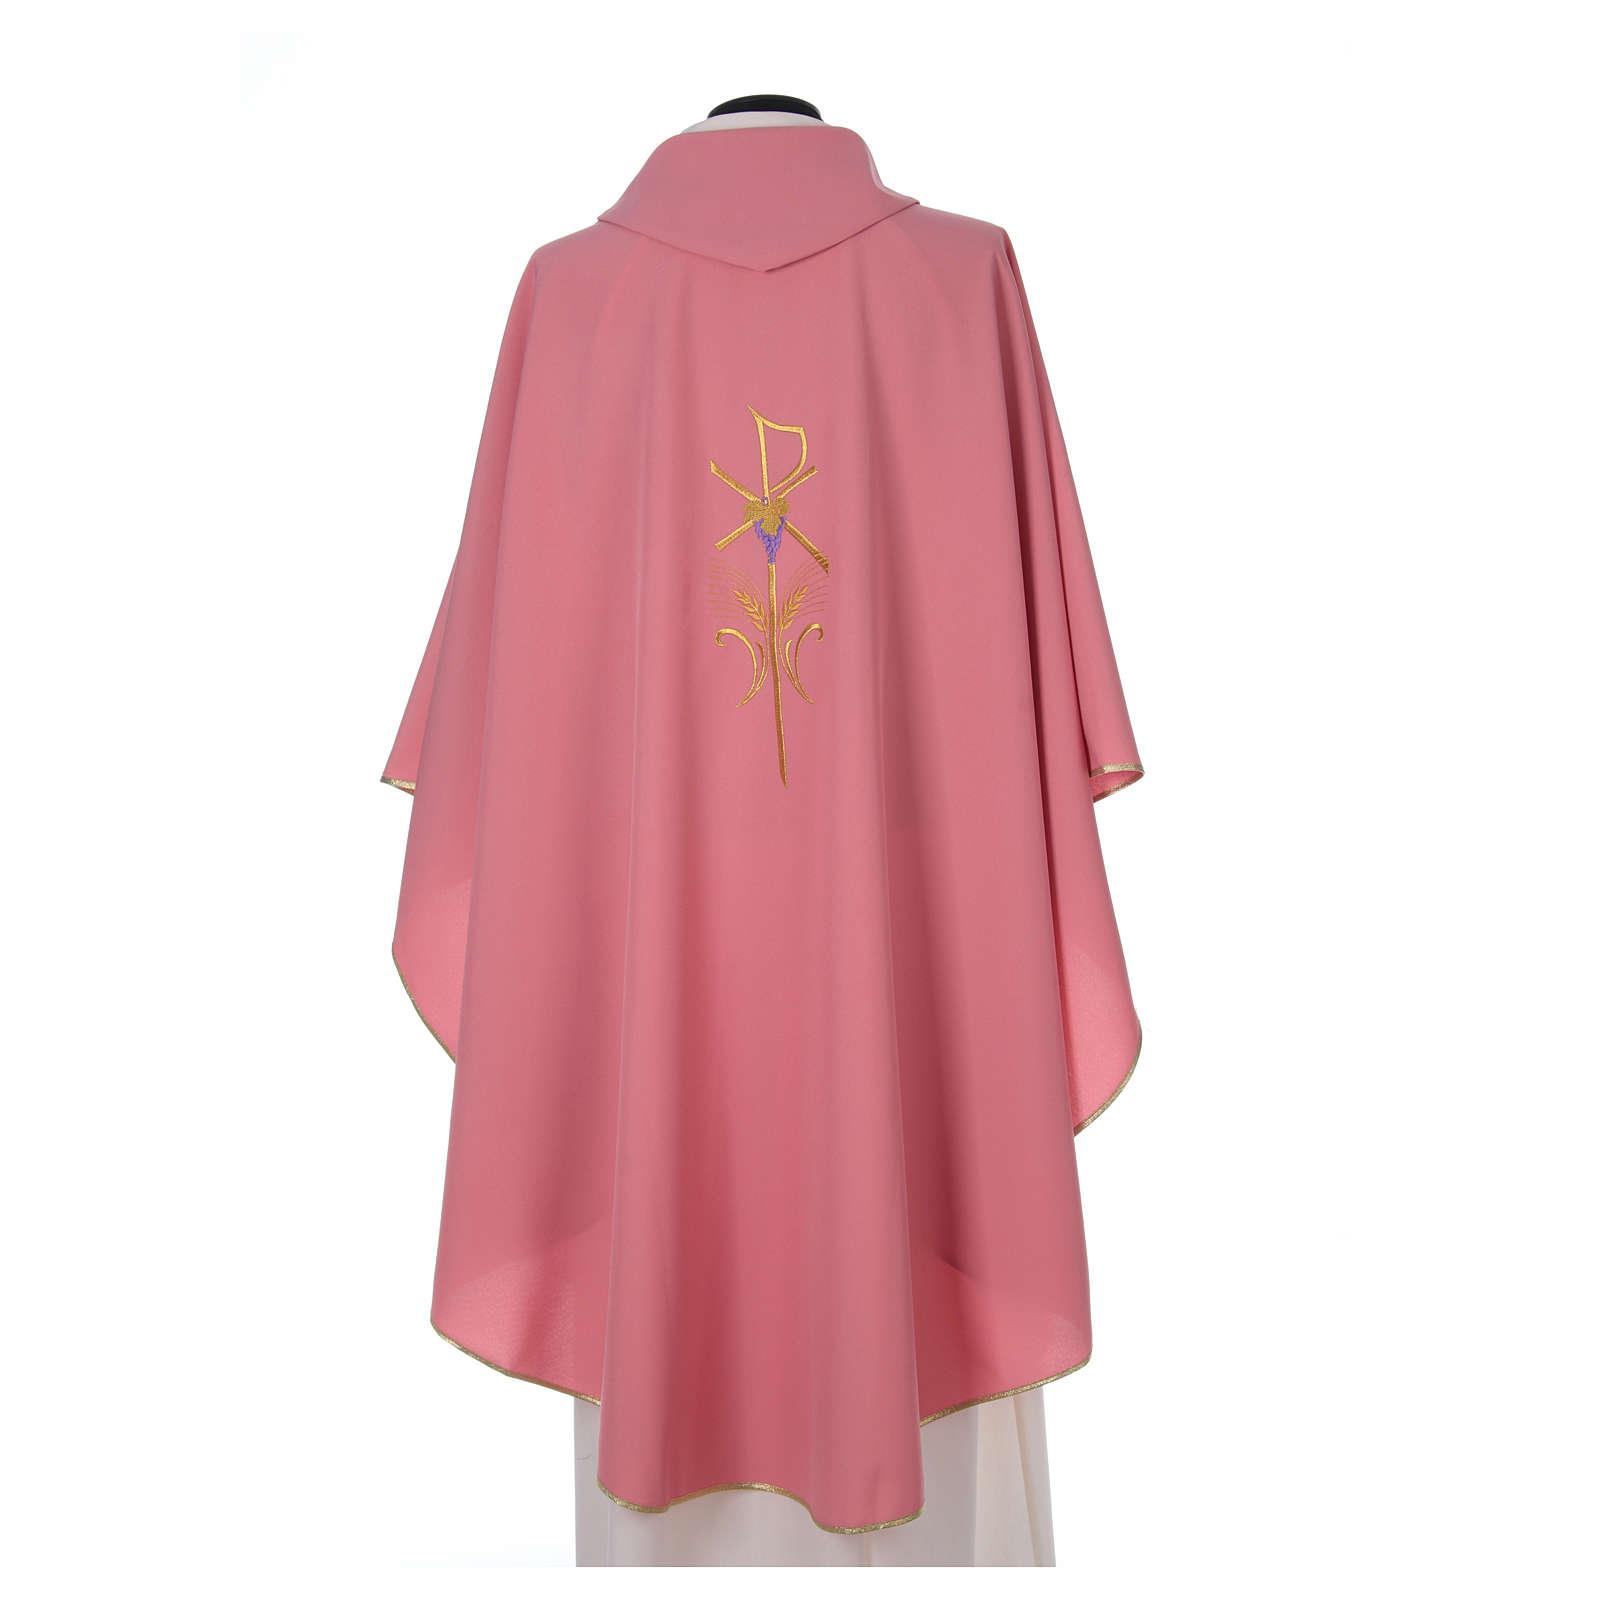 Casula sacerdotale 100% poliestere con spighe croce uva rosa 4